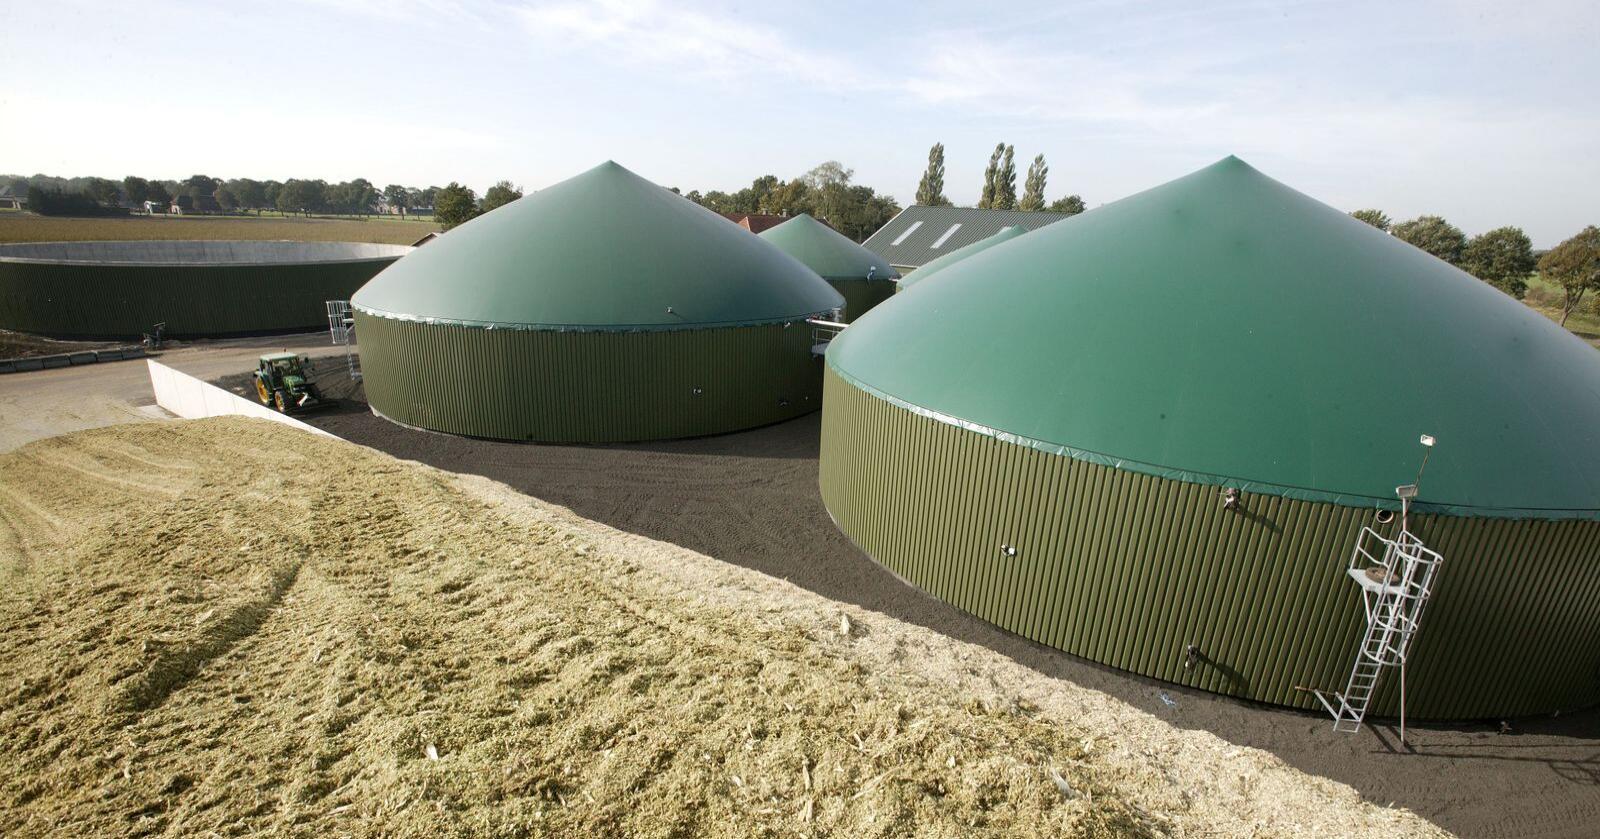 I dag er det mange hindre for økt utnyttelse av husdyrgjødsel til biogassproduksjon, deriblant store investeringskostnader og høye transportkostnader. En partssammensatt arbeidsgruppe har nå fremmet en rekke anbefalinger til tiltak som skal gjøre det enklere for flere bønder å satse på biogass. Foto: Colourbox